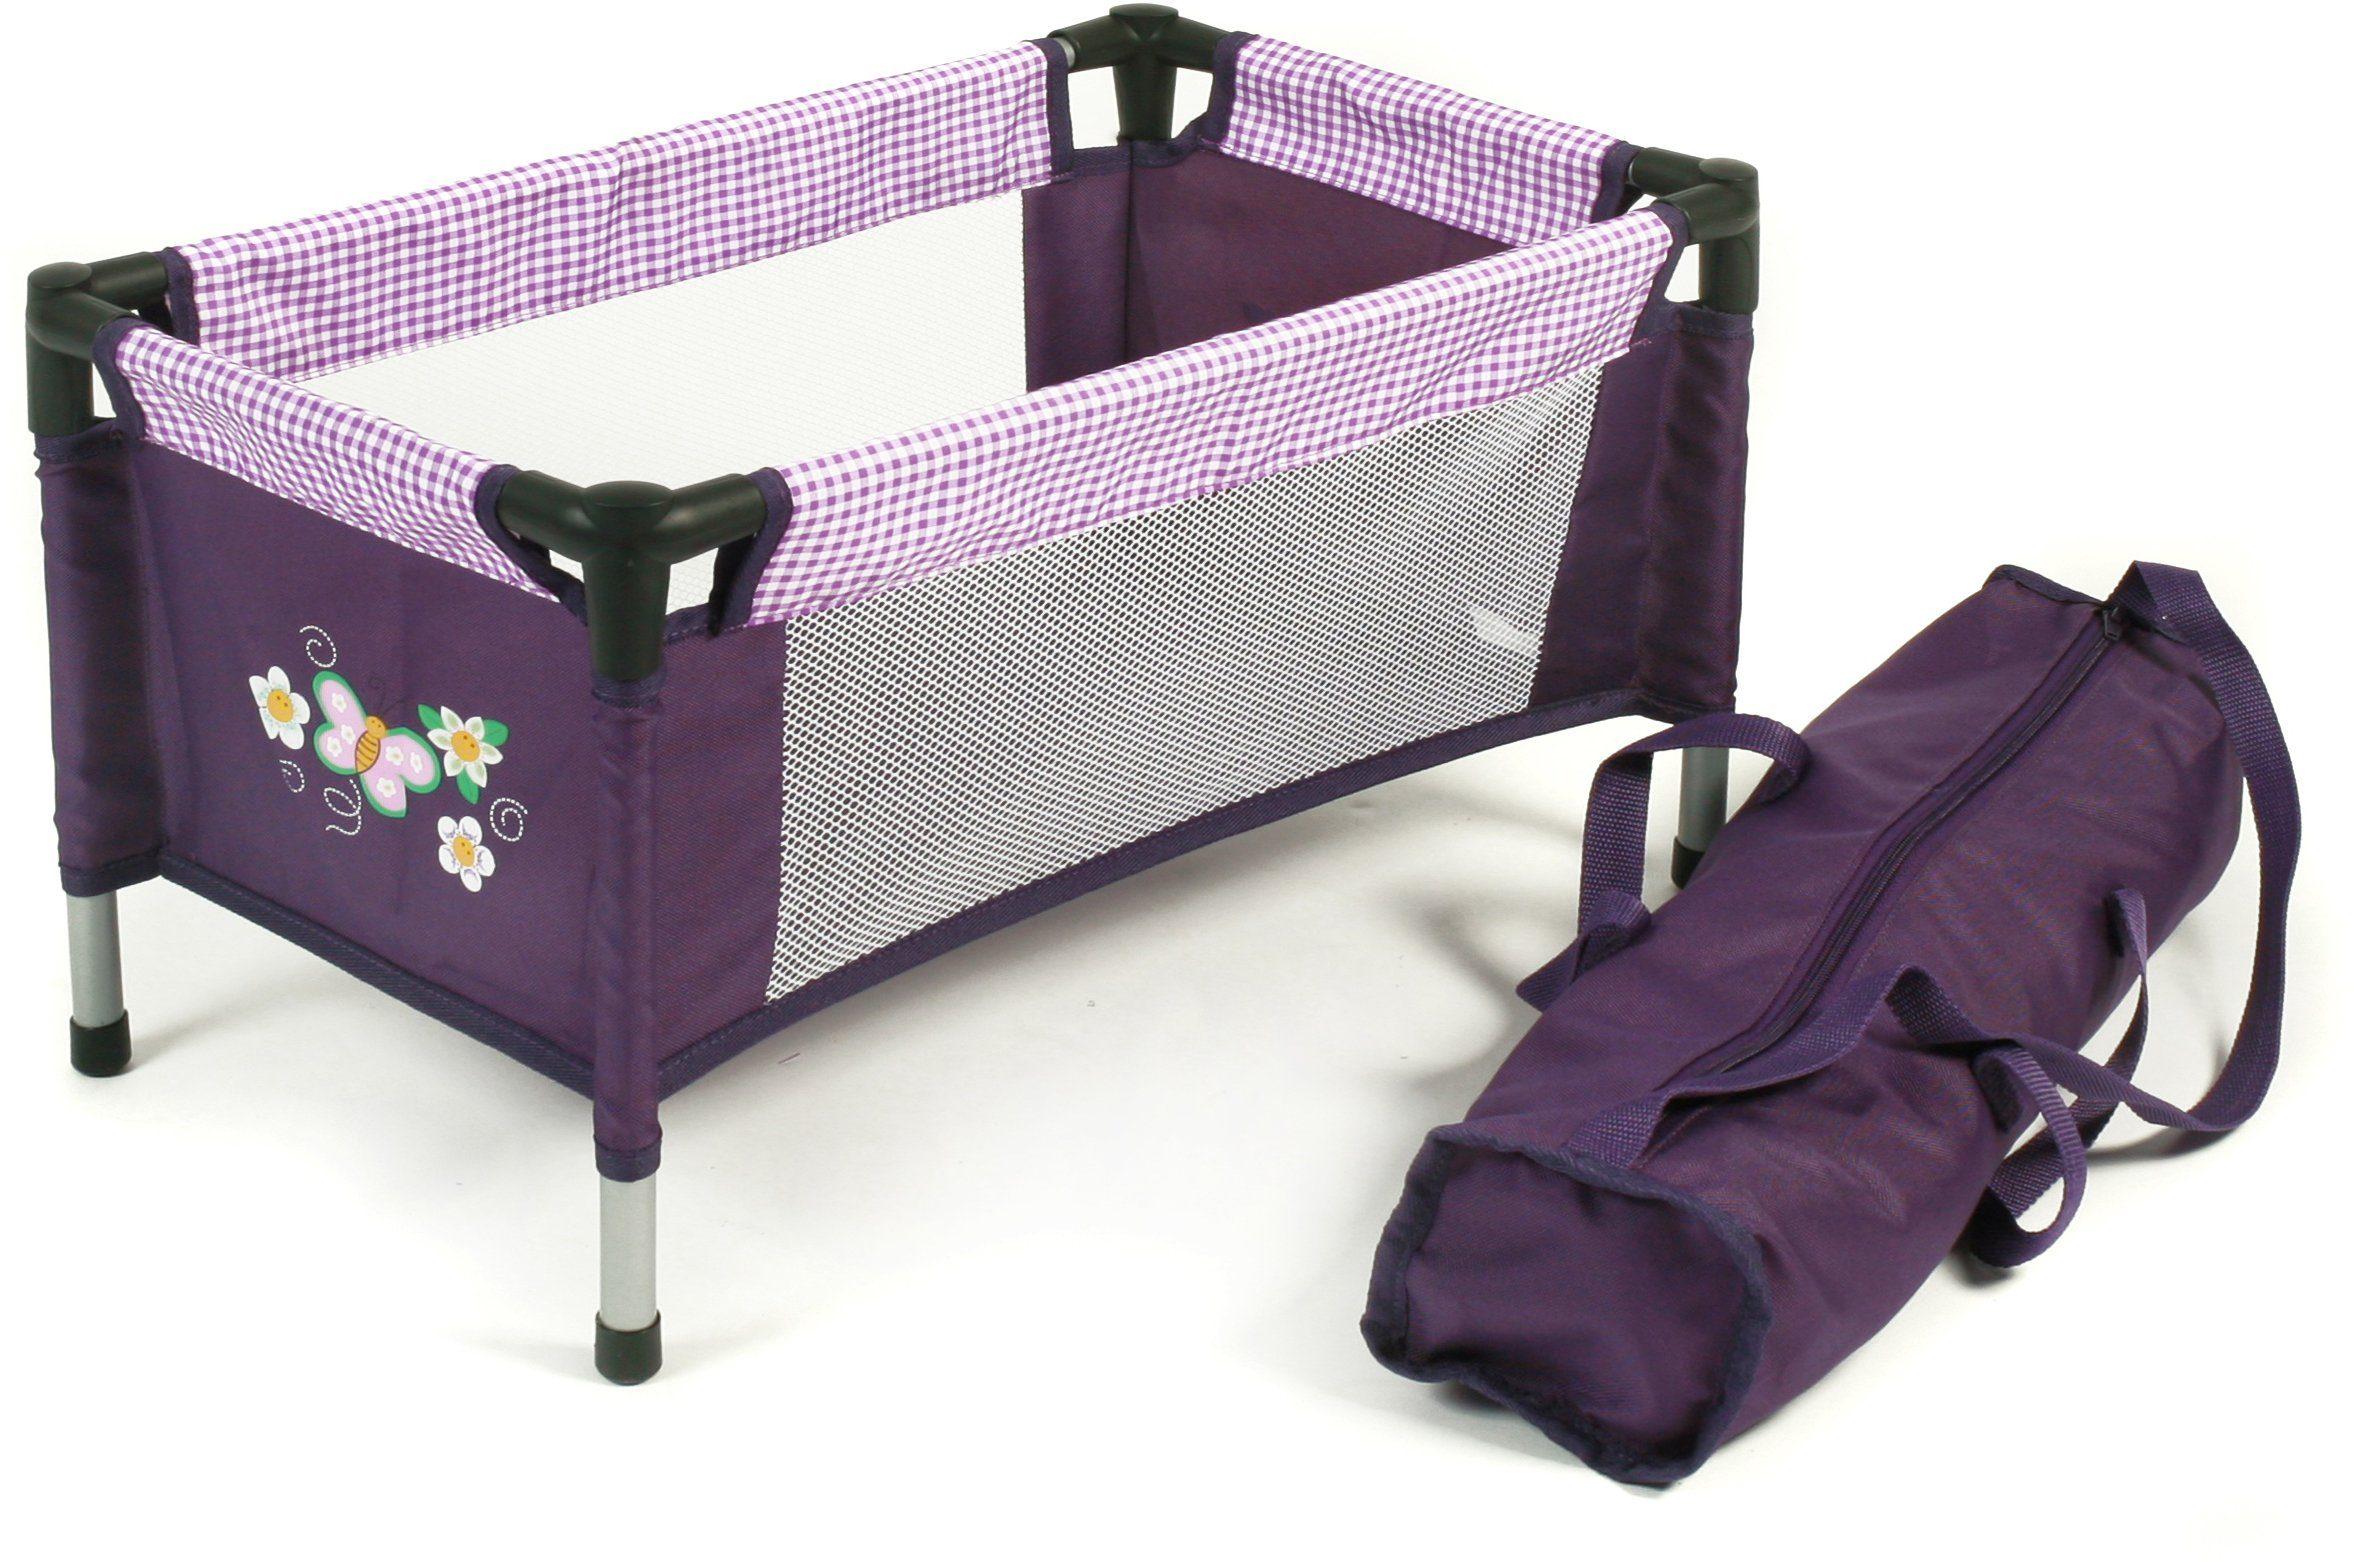 CHIC2000 Puppen Reisebett mit Stoff Tragetasche, »Purple Checker«